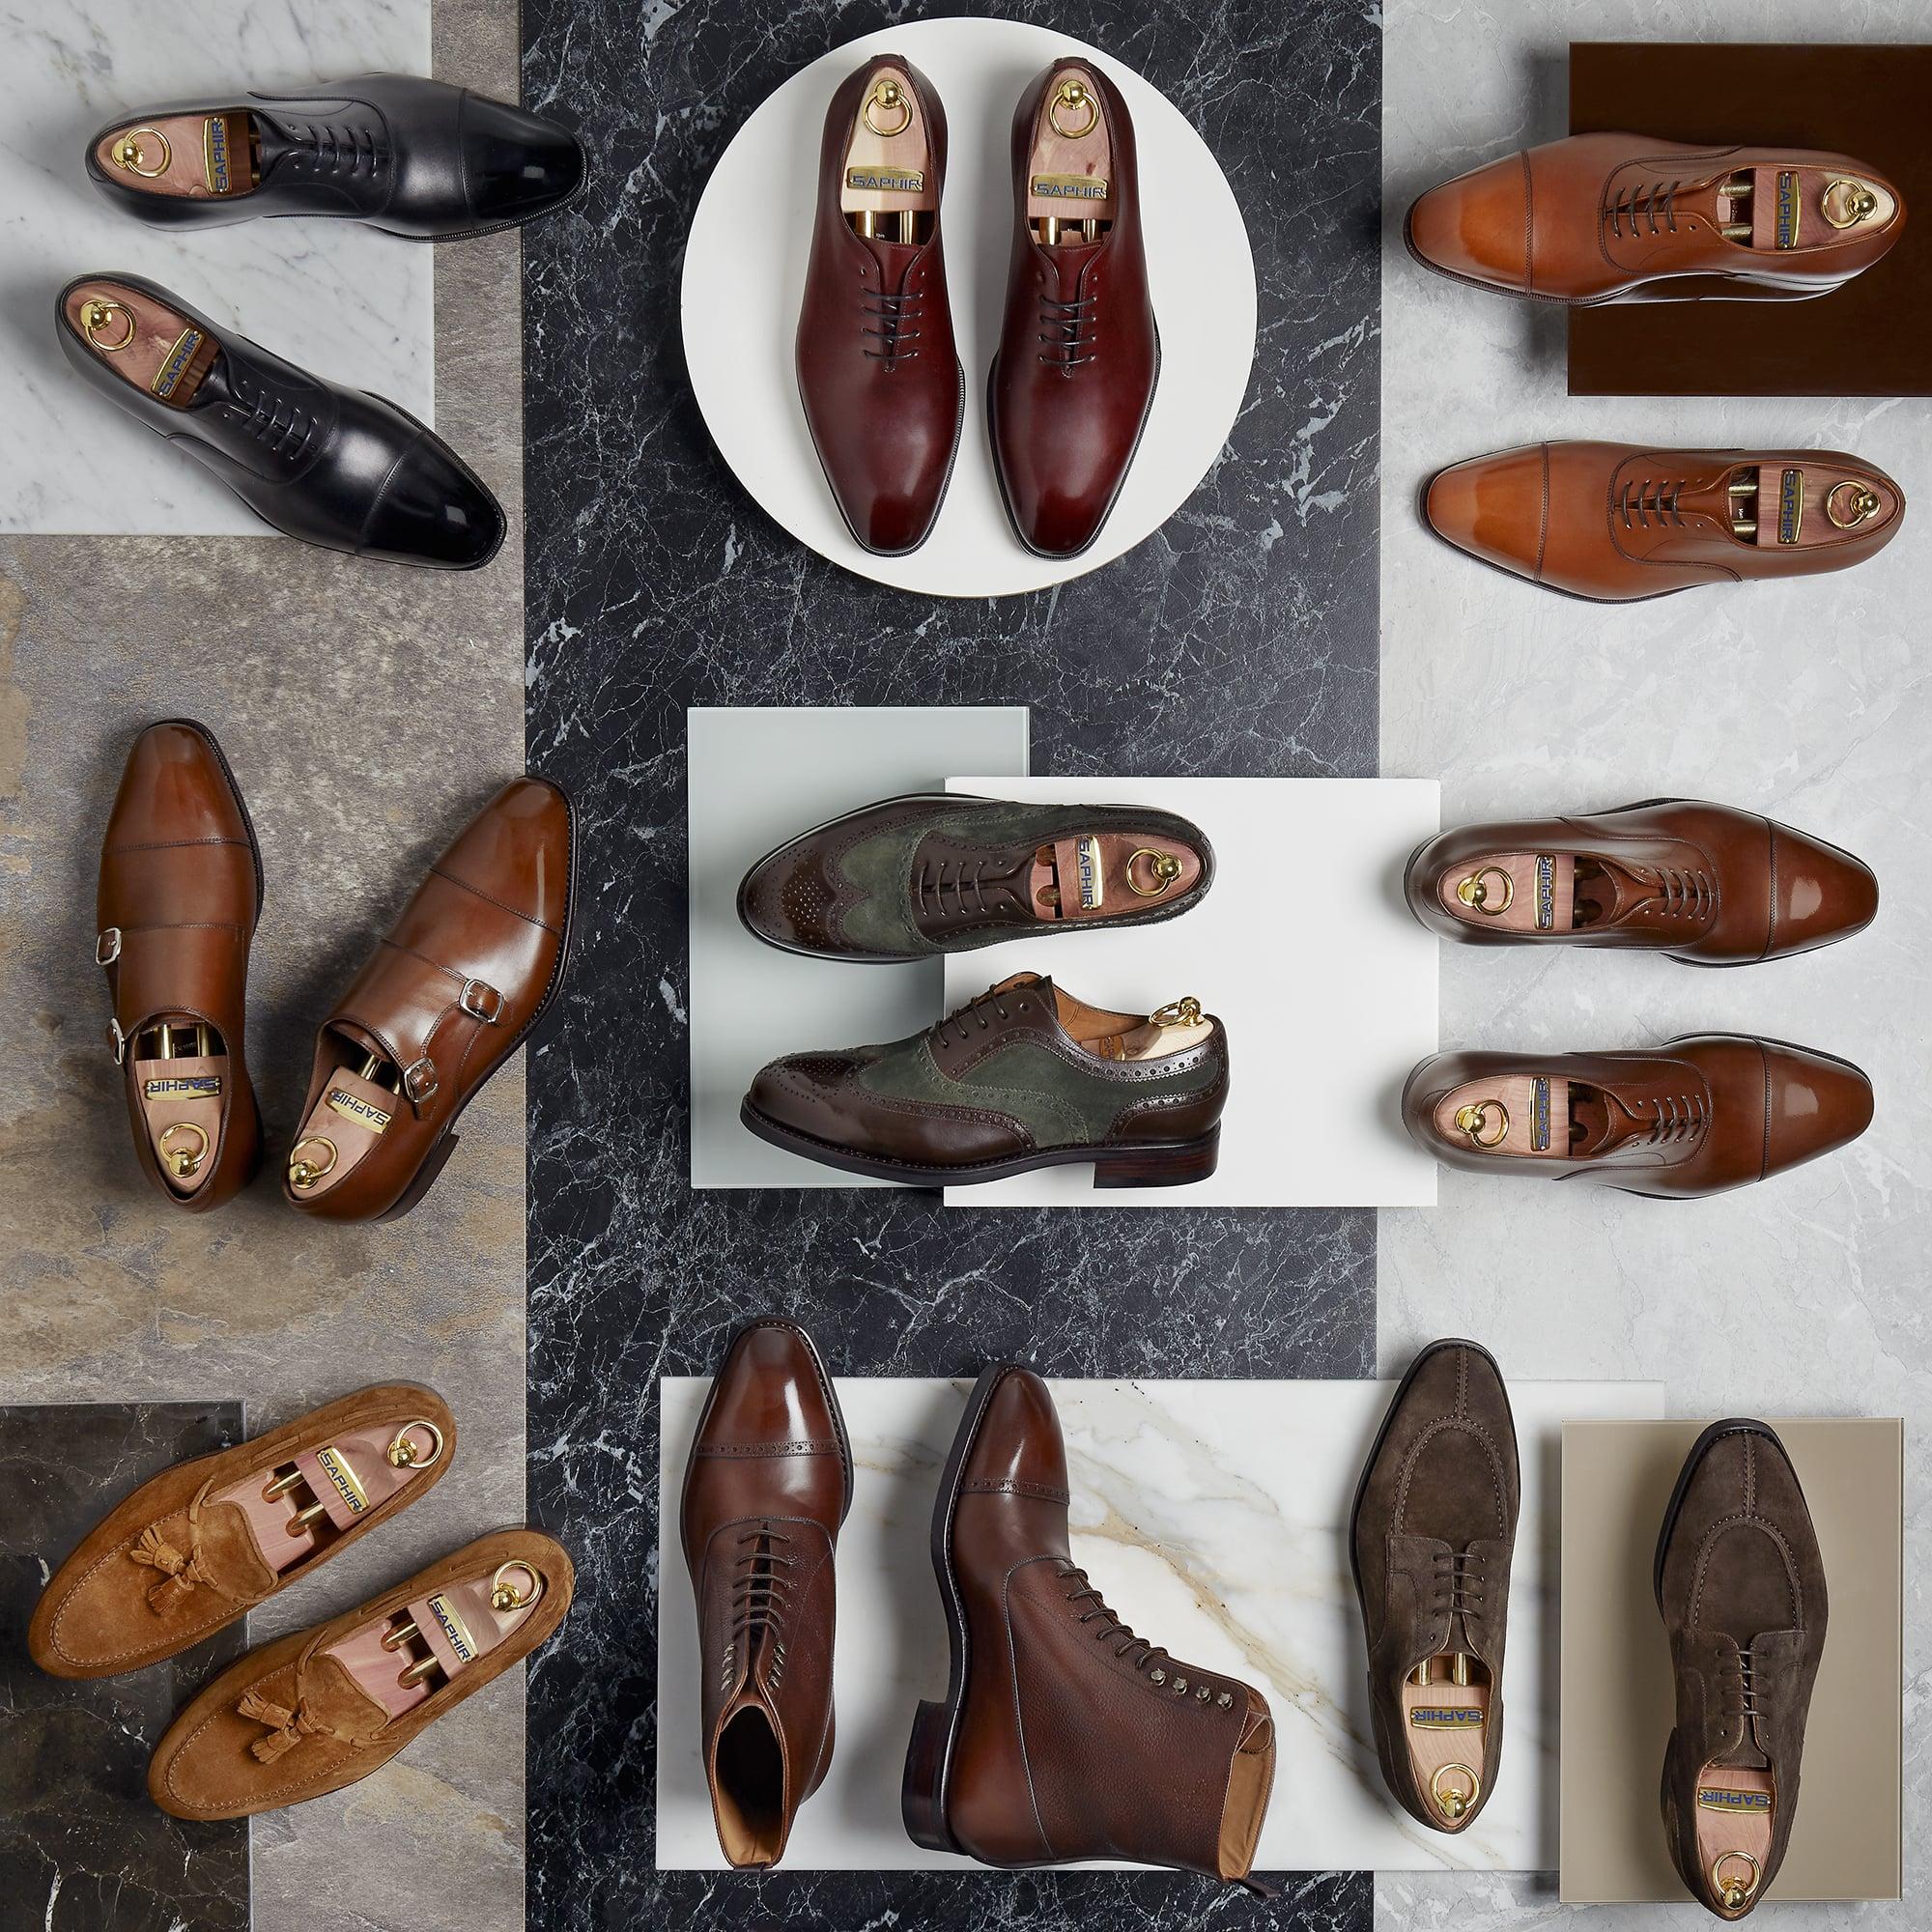 Garniturowe buty męskie na formalne i nieformalne okazje - eleganckie obuwie klasyczne.